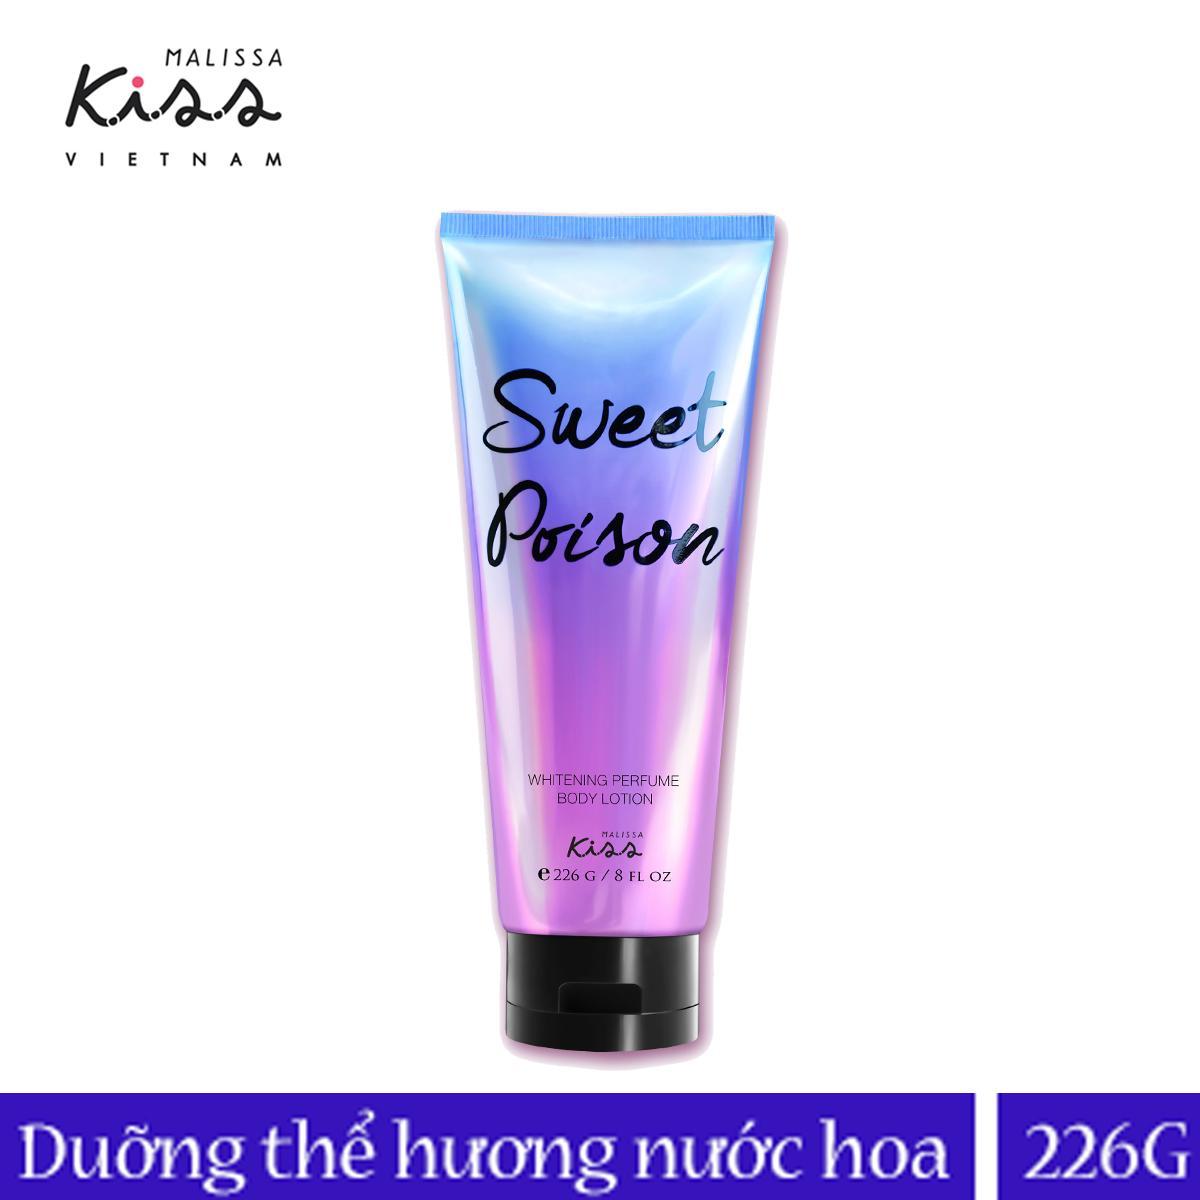 Sữa dưỡng trắng da toàn thân Malissa Kiss hương nước hoa Sweet Poison 226ml tốt nhất